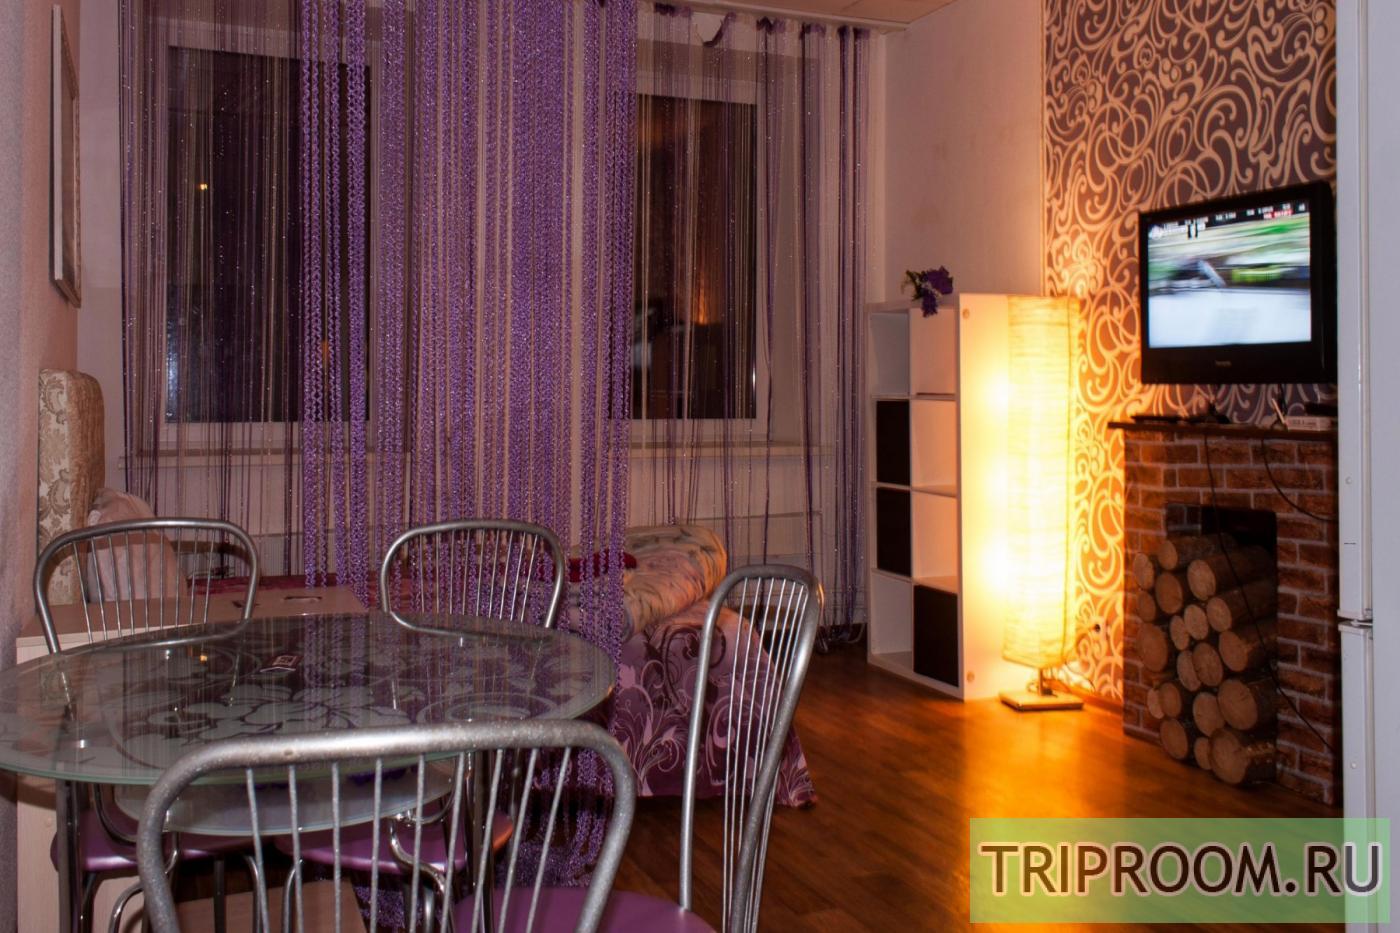 1-комнатная квартира посуточно (вариант № 34600), ул. Екатерининская улица, фото № 6